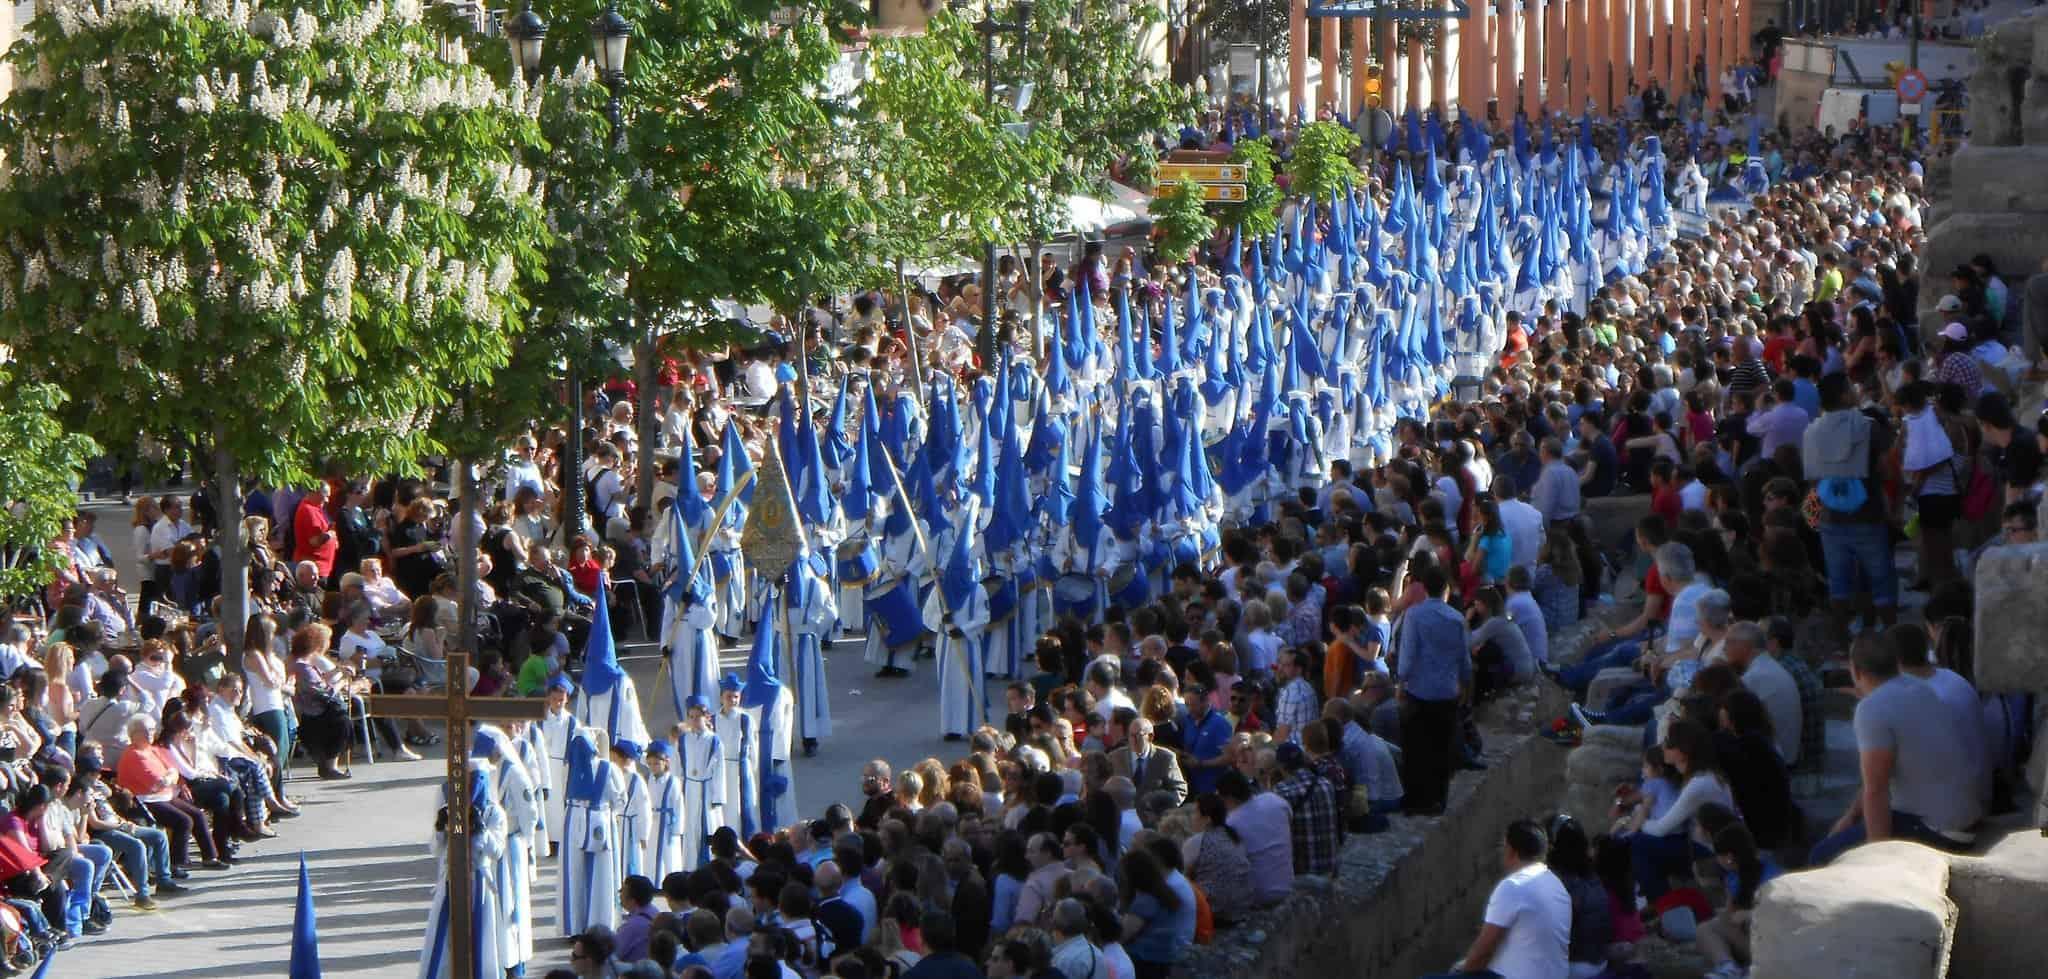 Reserva hotel en Zaragoza y disfruta de una Semana Santa cargada de cultura y gastronomía